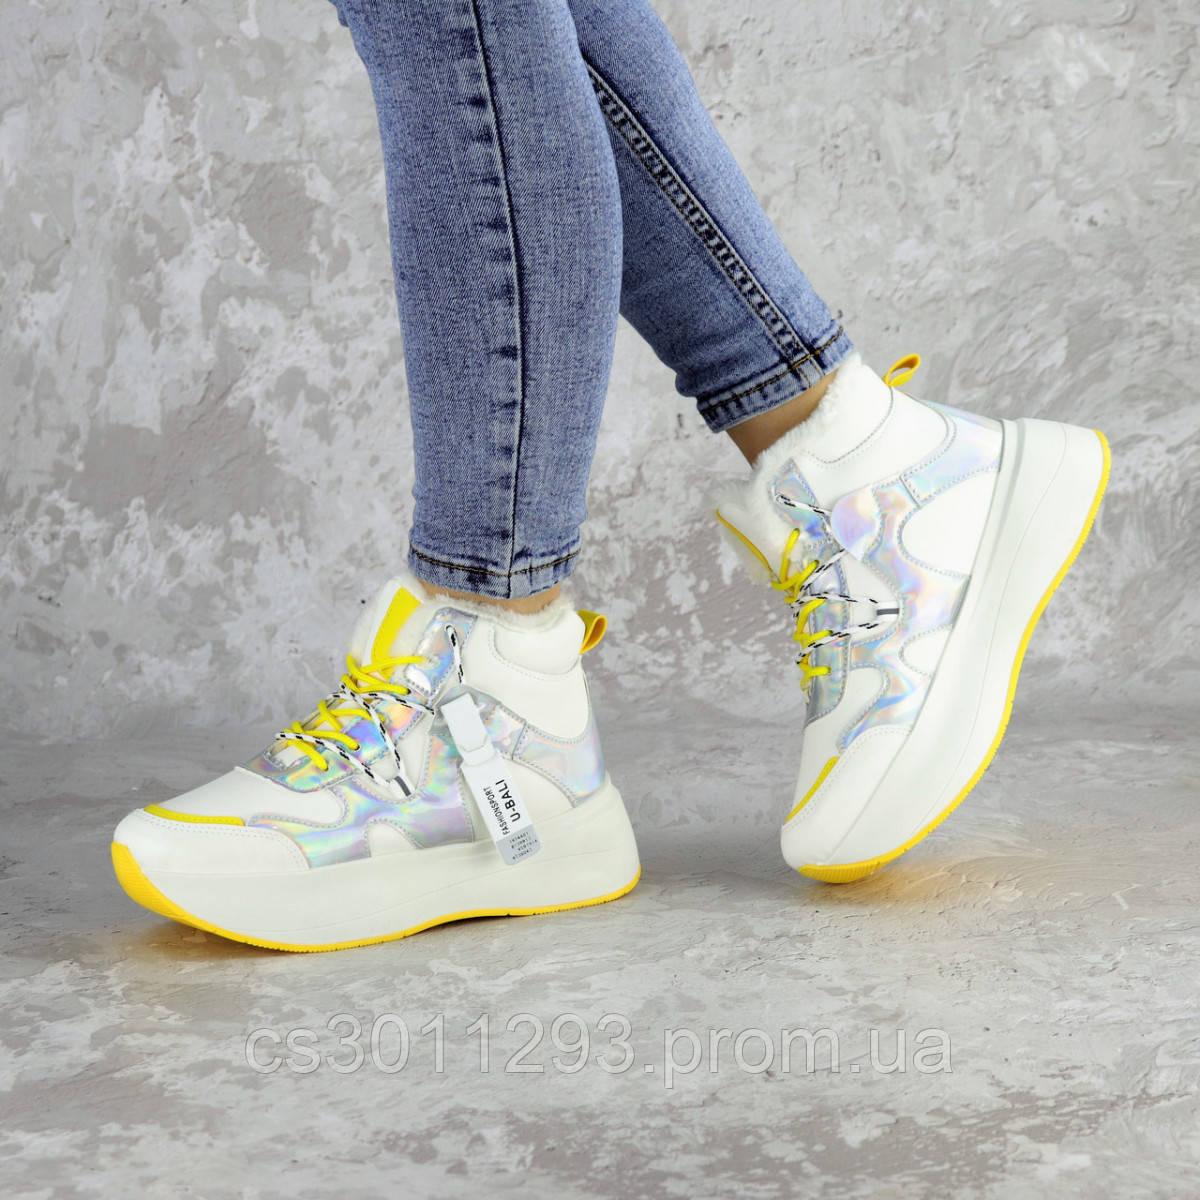 Кроссовки женские зимние Fashion Wrinkles 2424 36 размер 23 см Белый